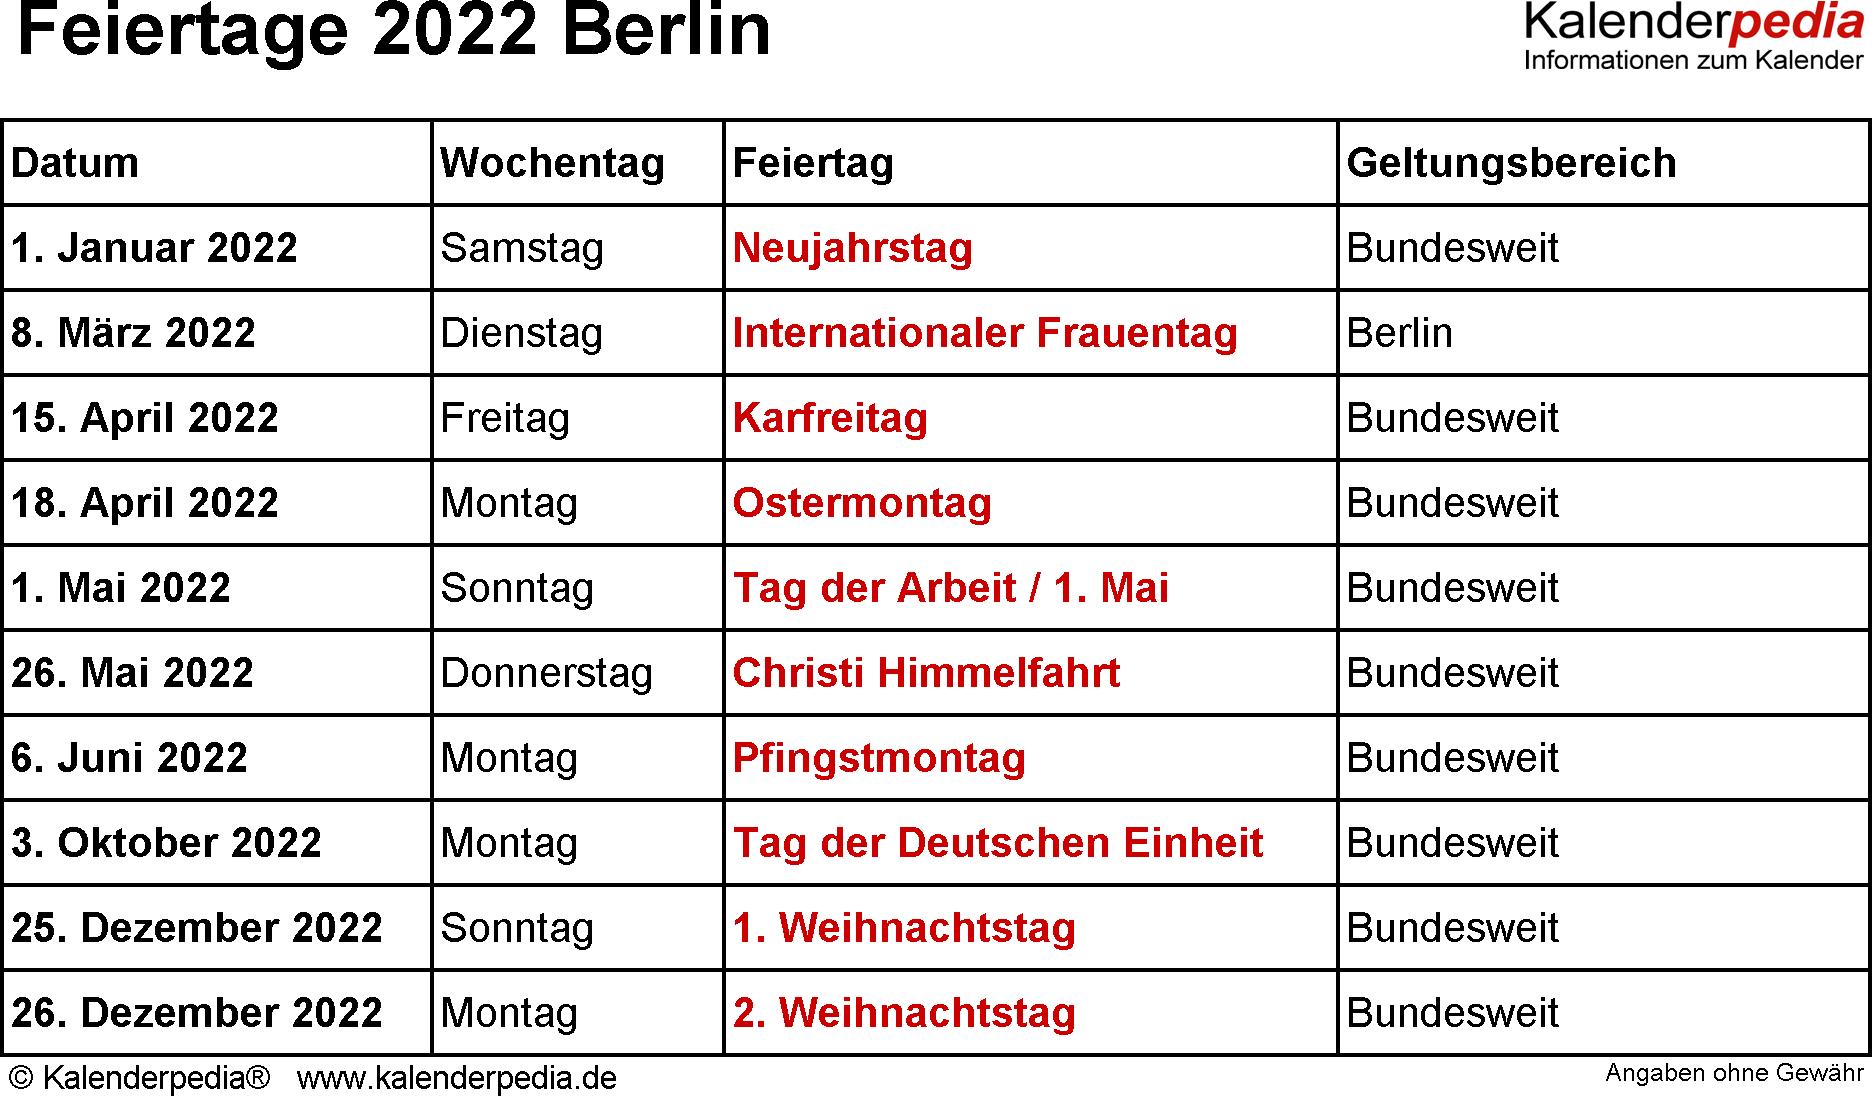 Ferientage Berlin